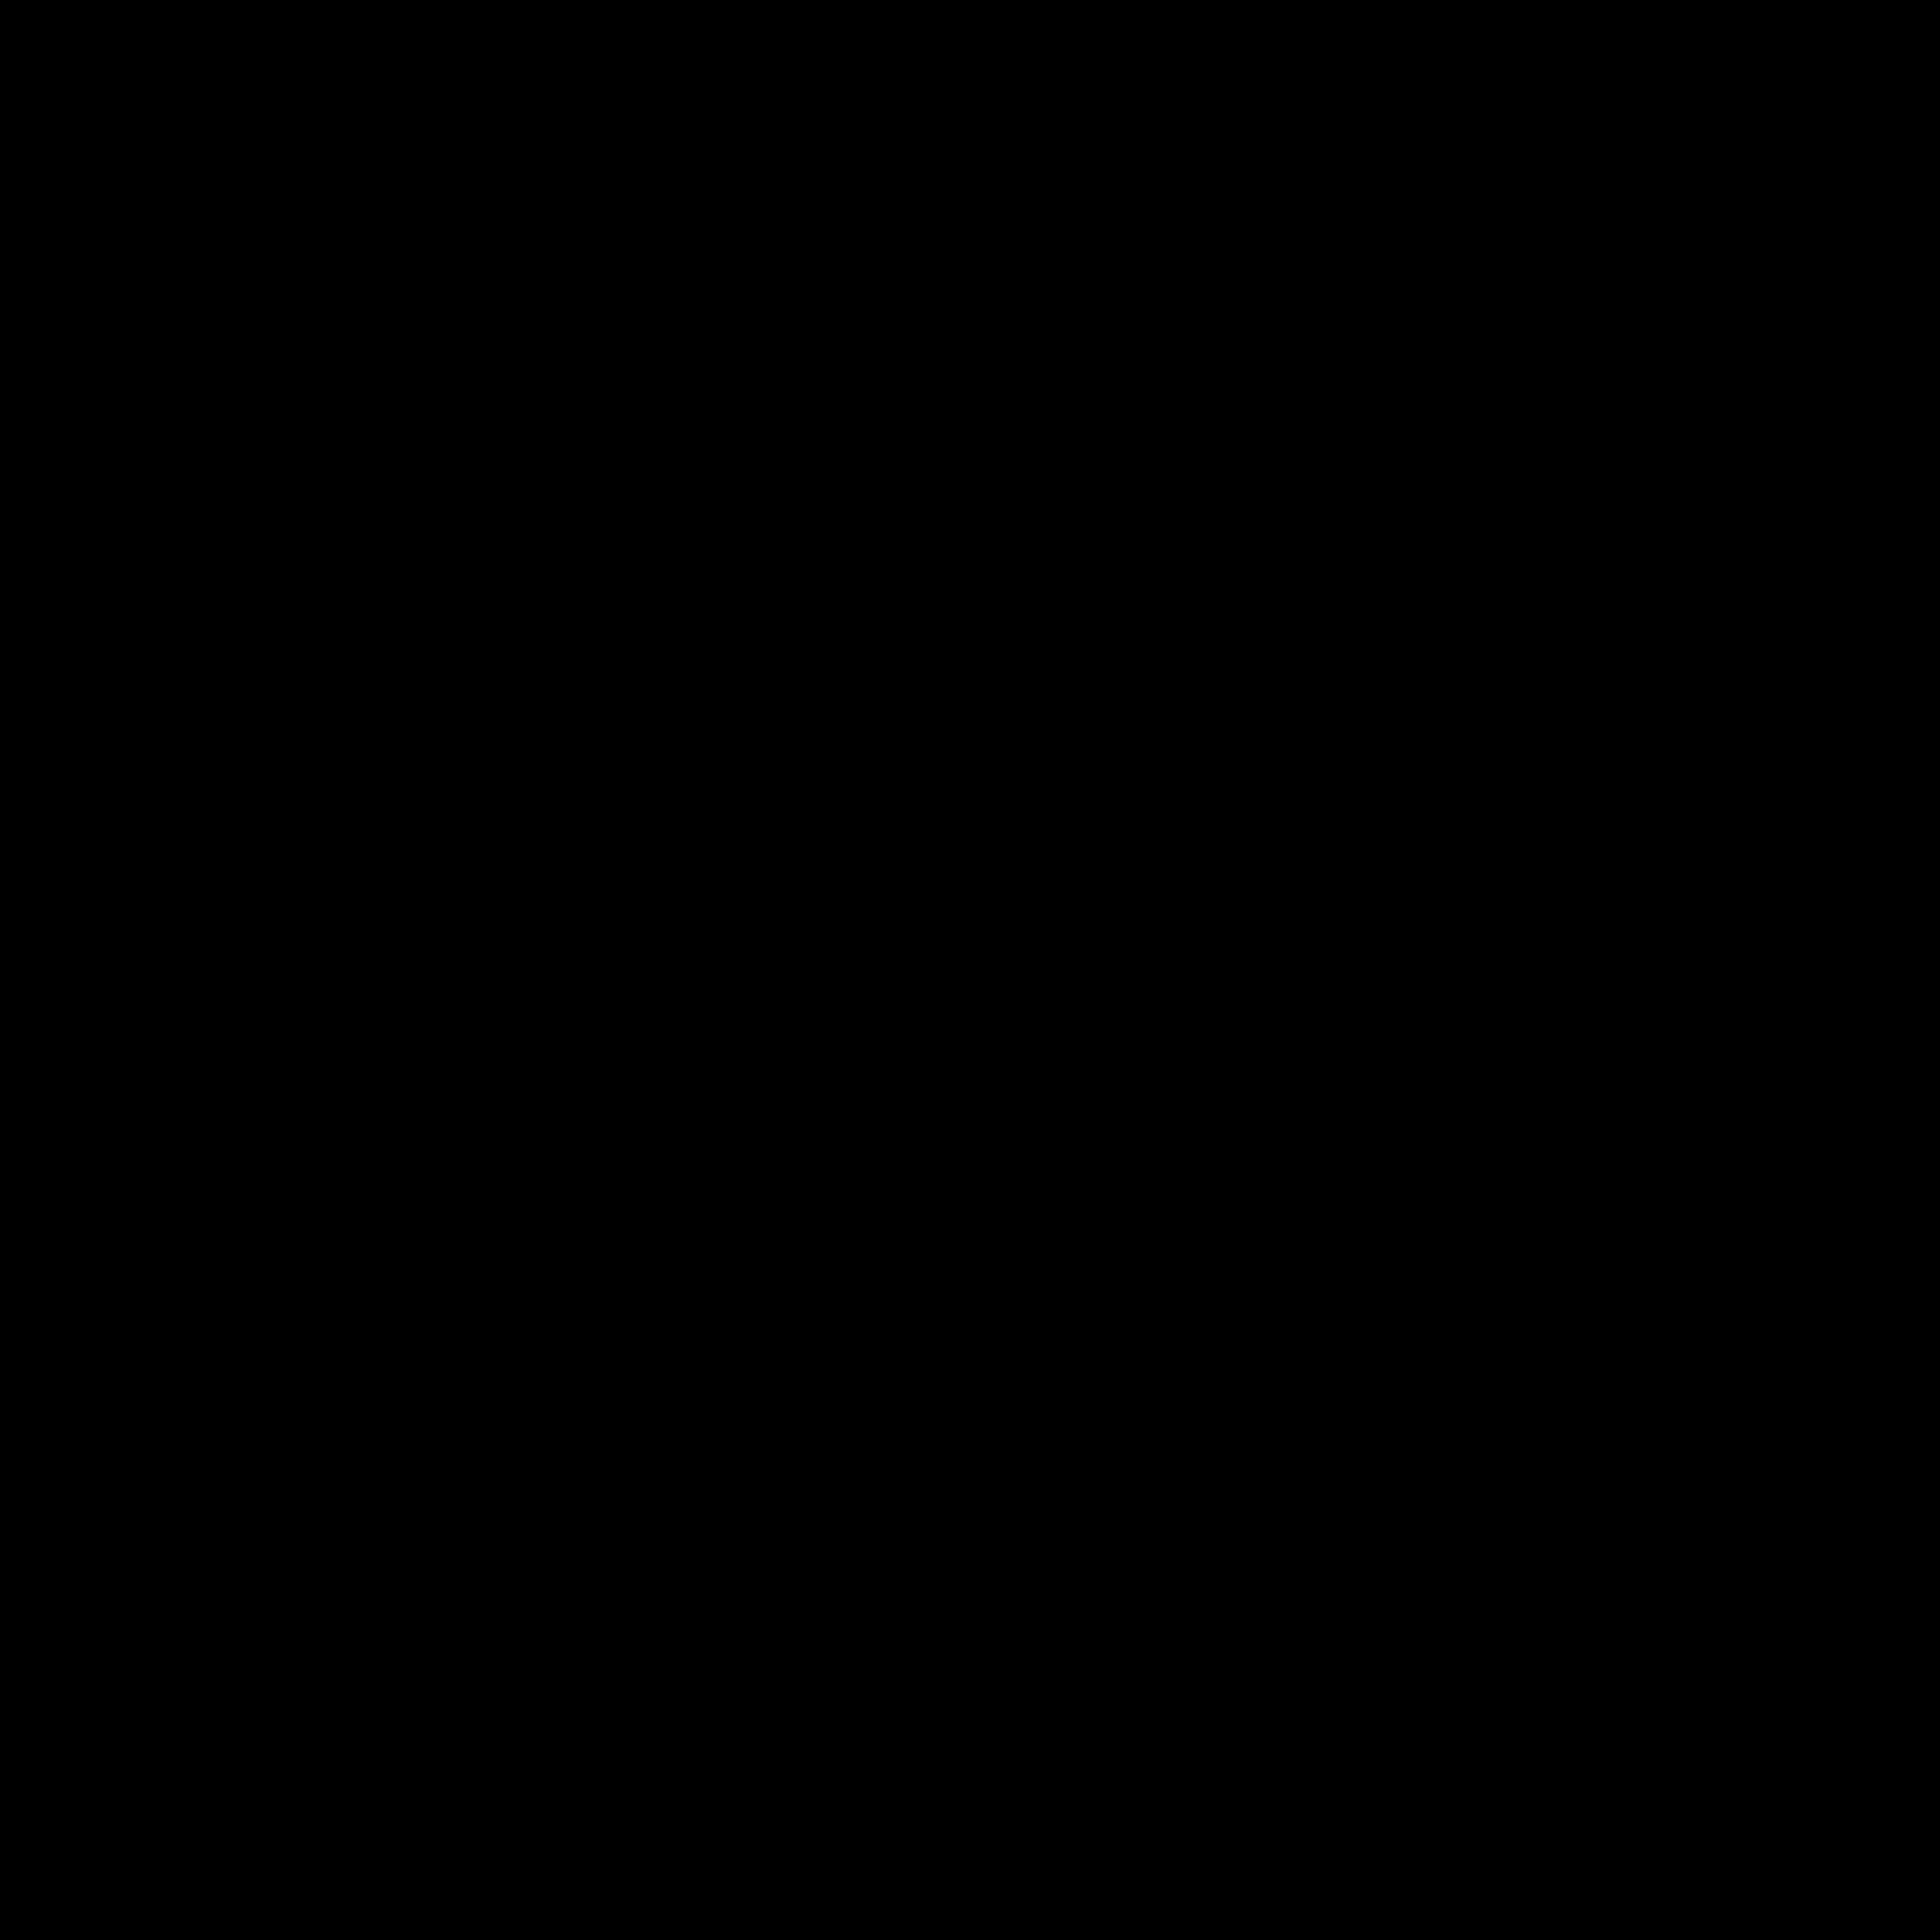 logo-slice-1.png